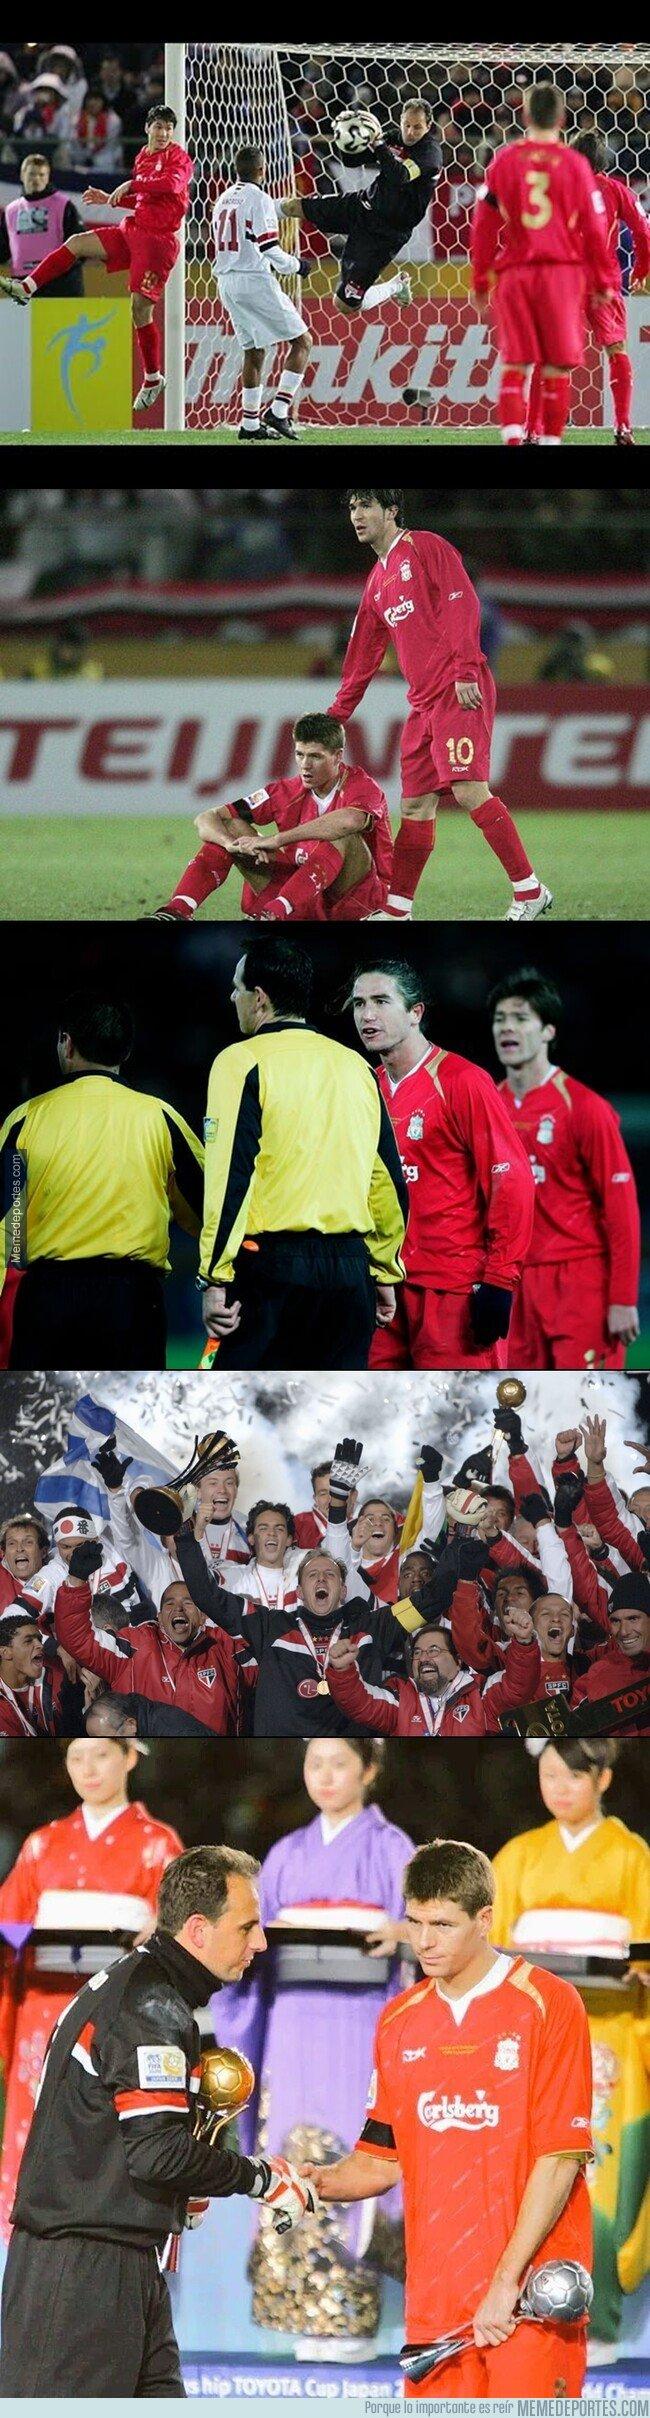 1093864 - Esto ocurría la última vez que Liverpool jugó un mundial de clubes... Hace 14 años.